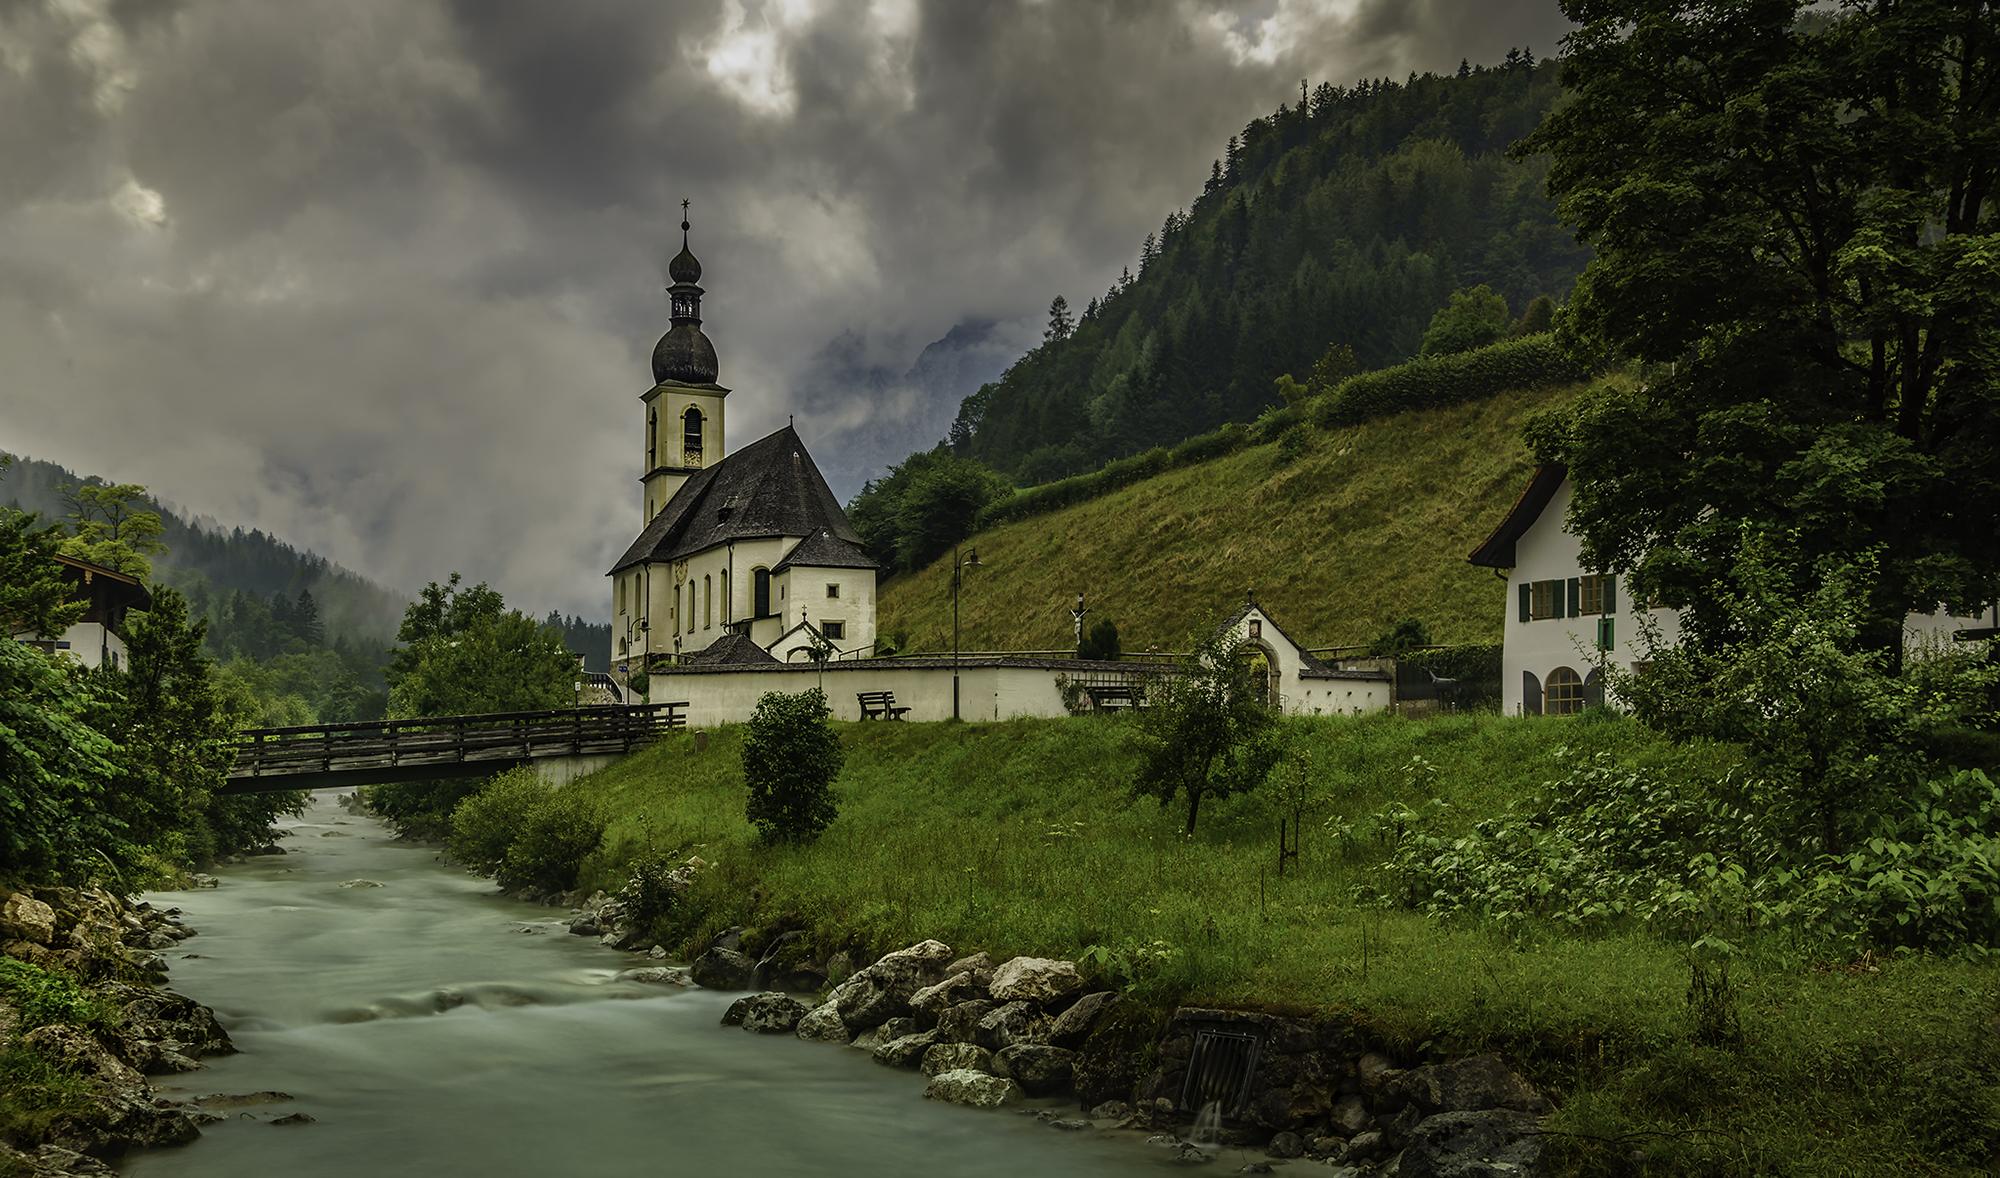 Parish Church of St. Sebastian, Ramsau, Germany